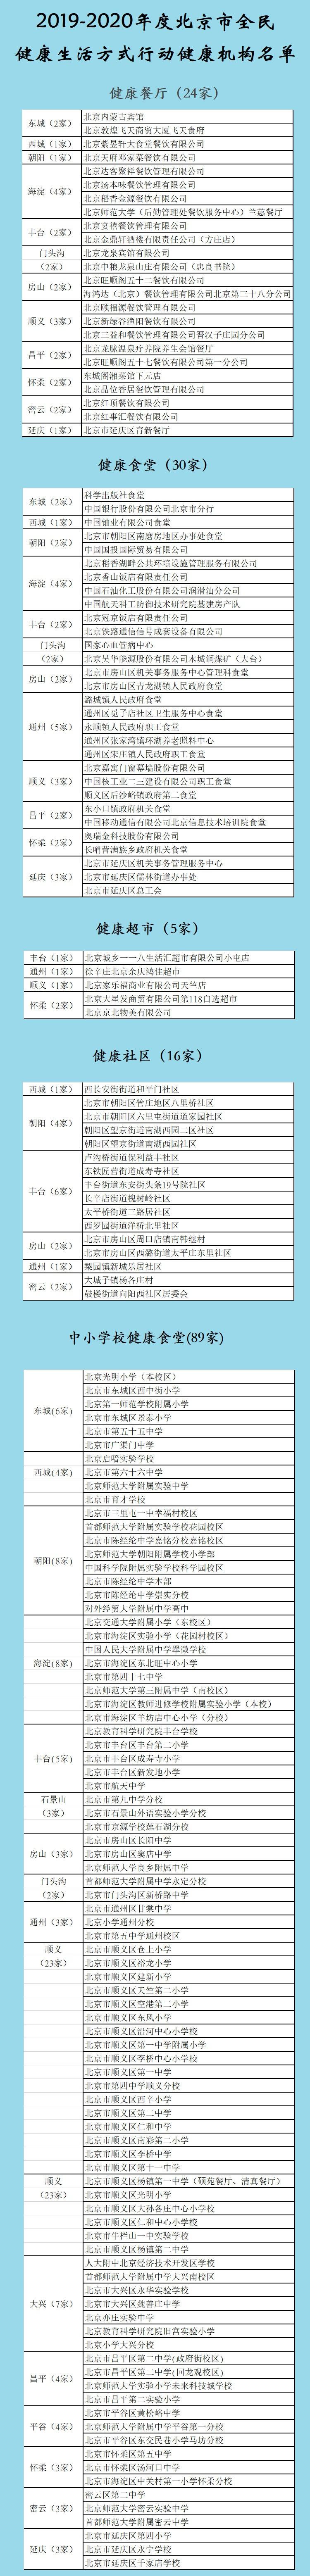 北京市全民健康生活方式行动健康机构公布 164家上榜图片